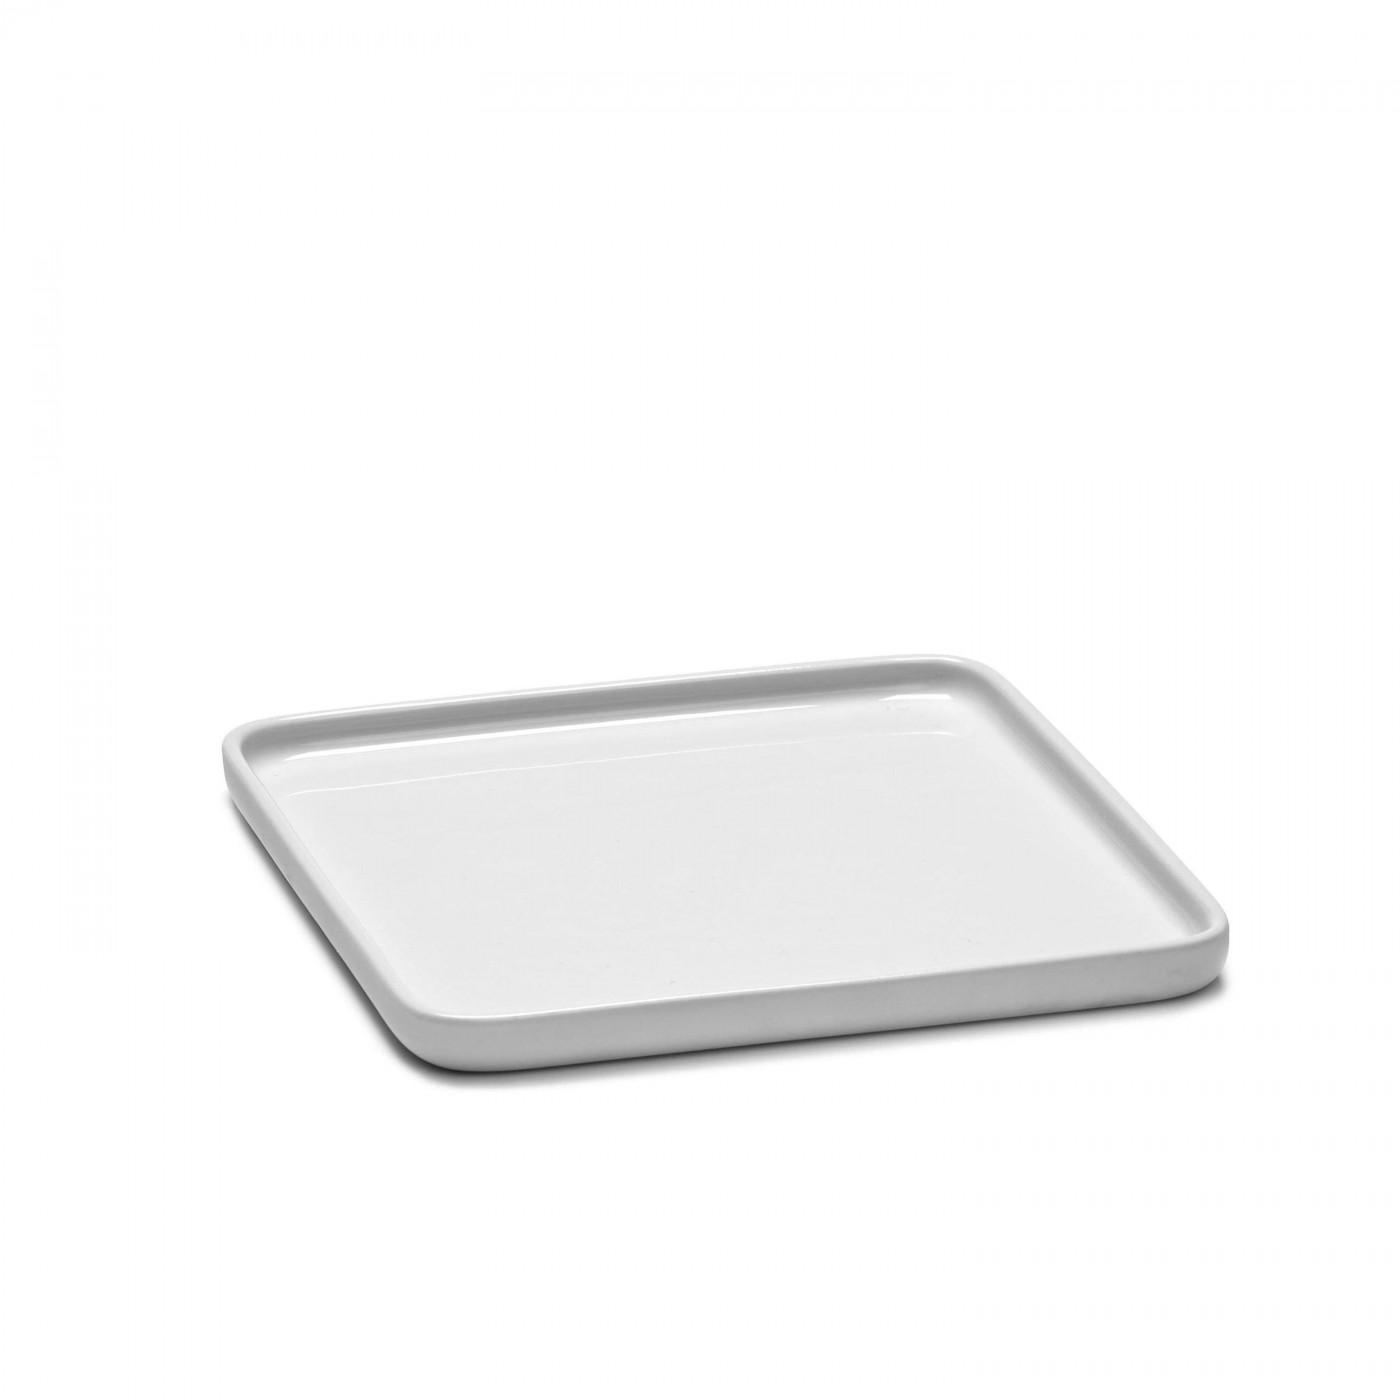 Assiette carrée en porcelaine blanche 16x16cm